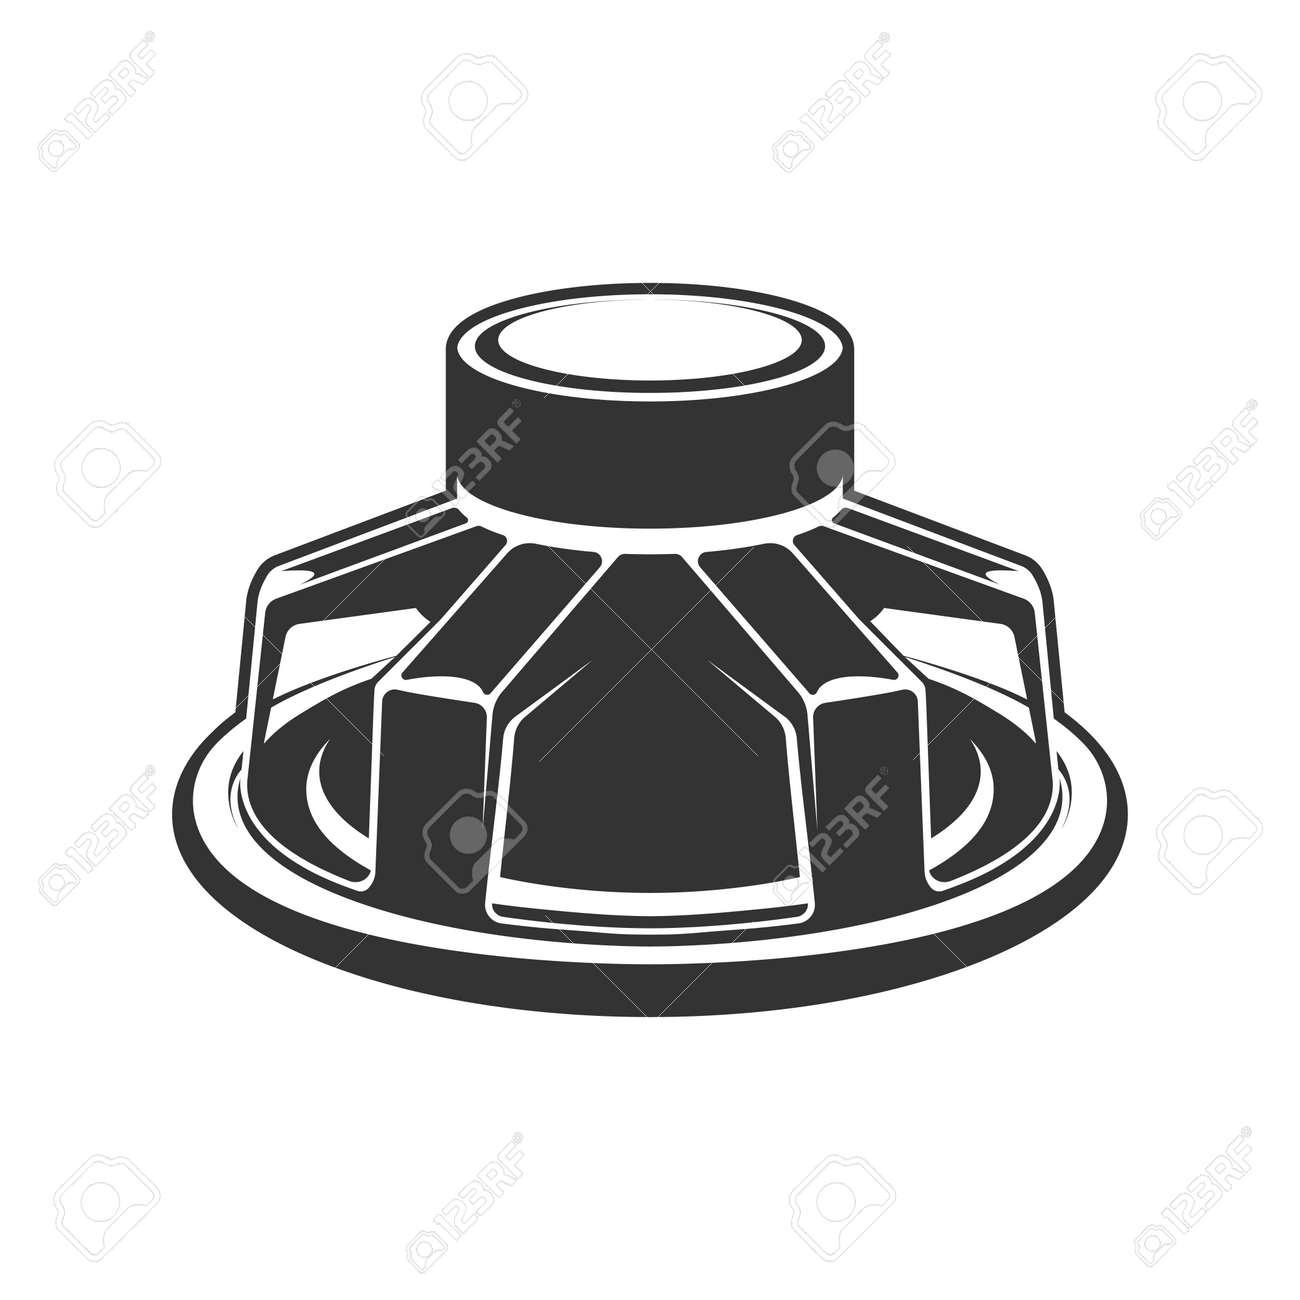 Audio speaker icon. Subwoofer speaker for car. - 168596726